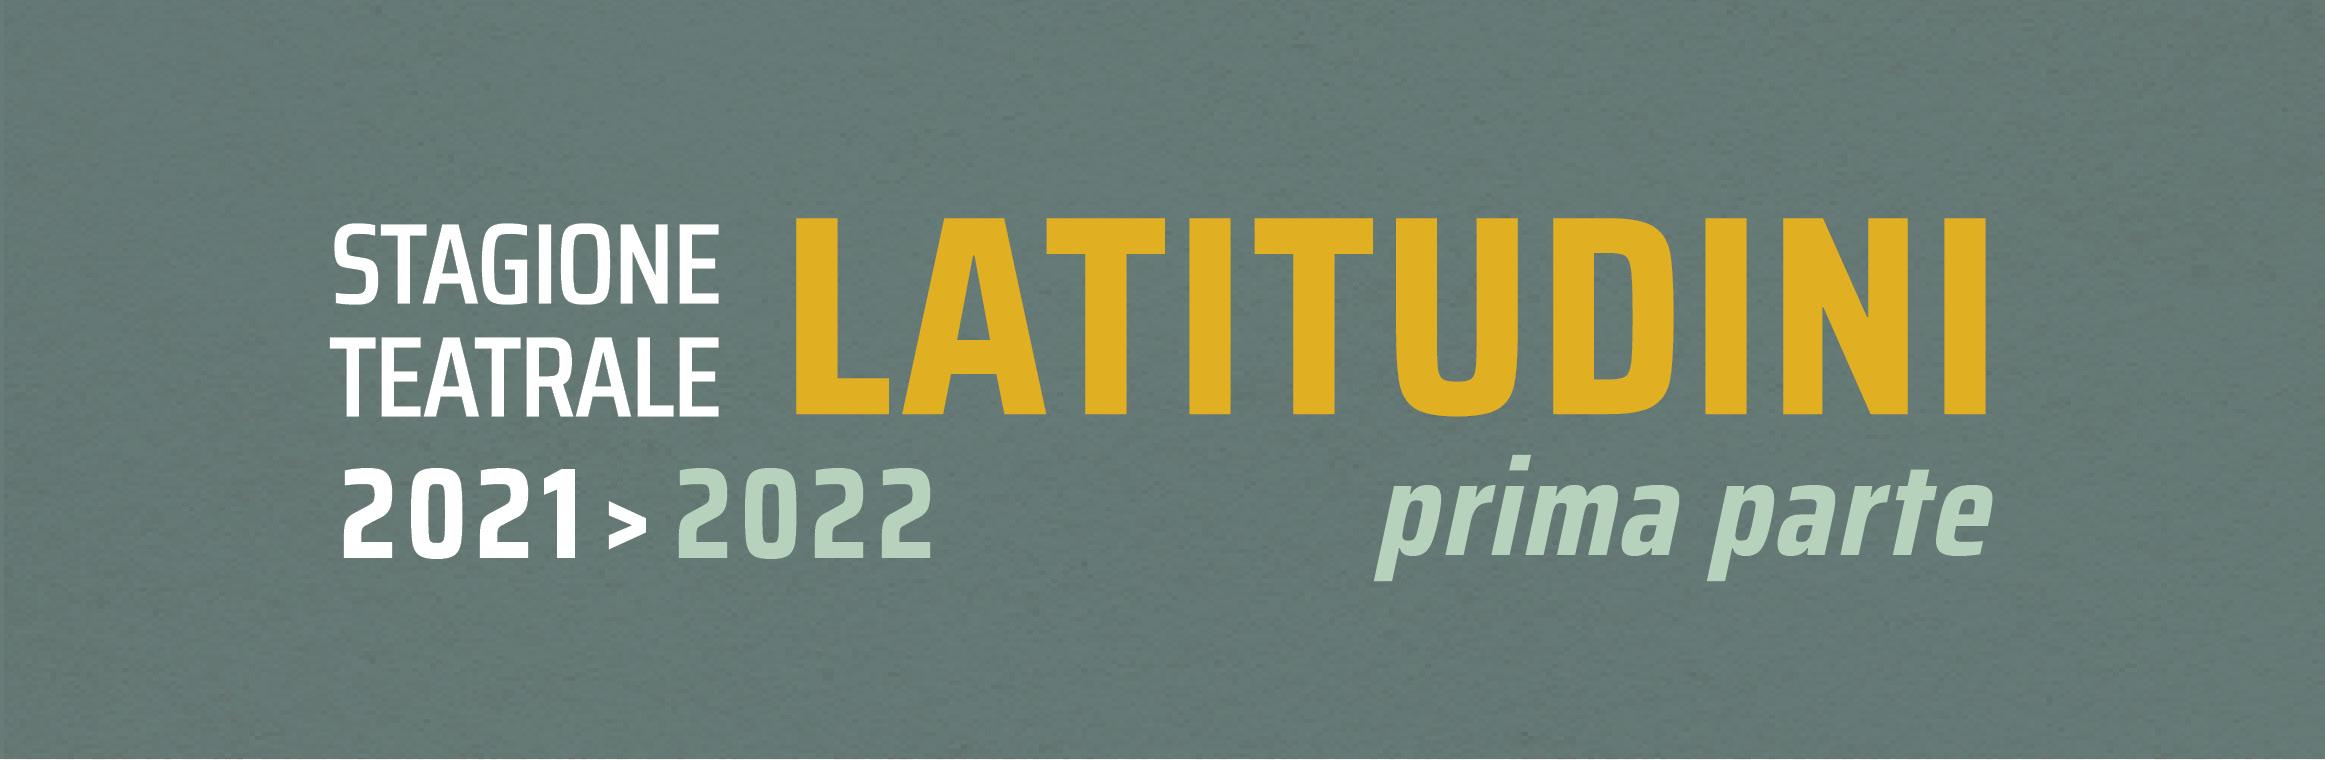 Banner SITO - Stagione 21-22 - prima parte